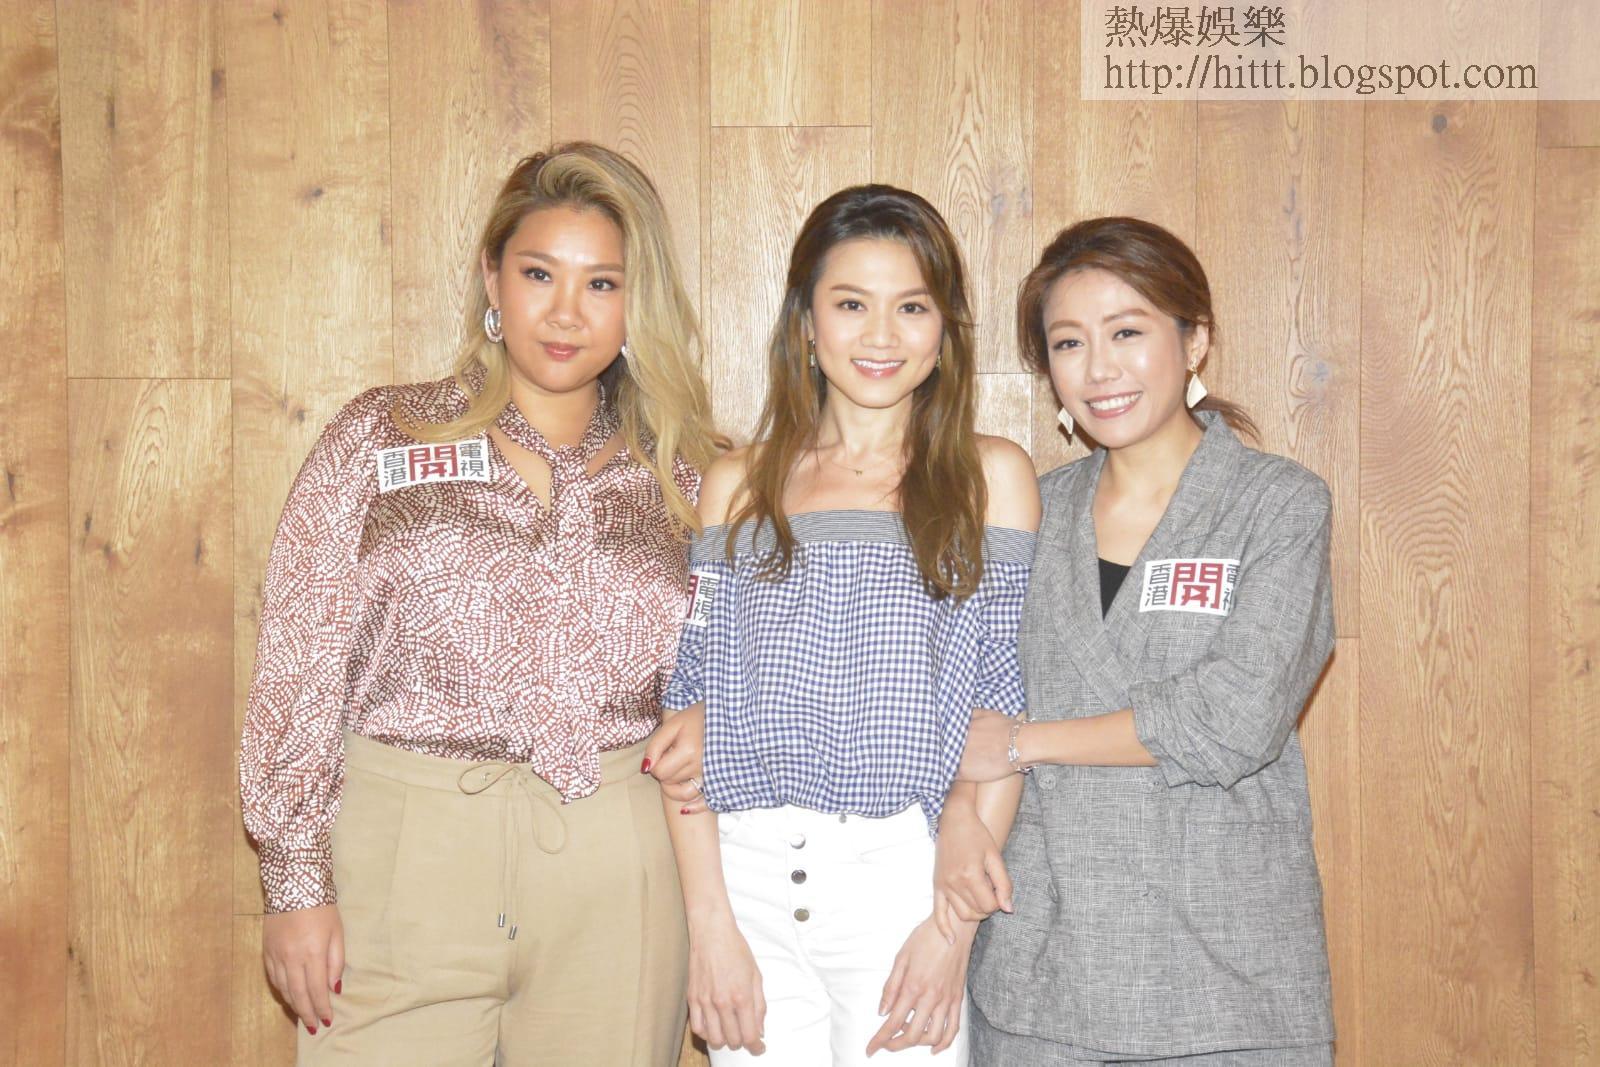 鄭欣宜、周秀娜和彭秀慧繼電影《29+1》後再度合作。